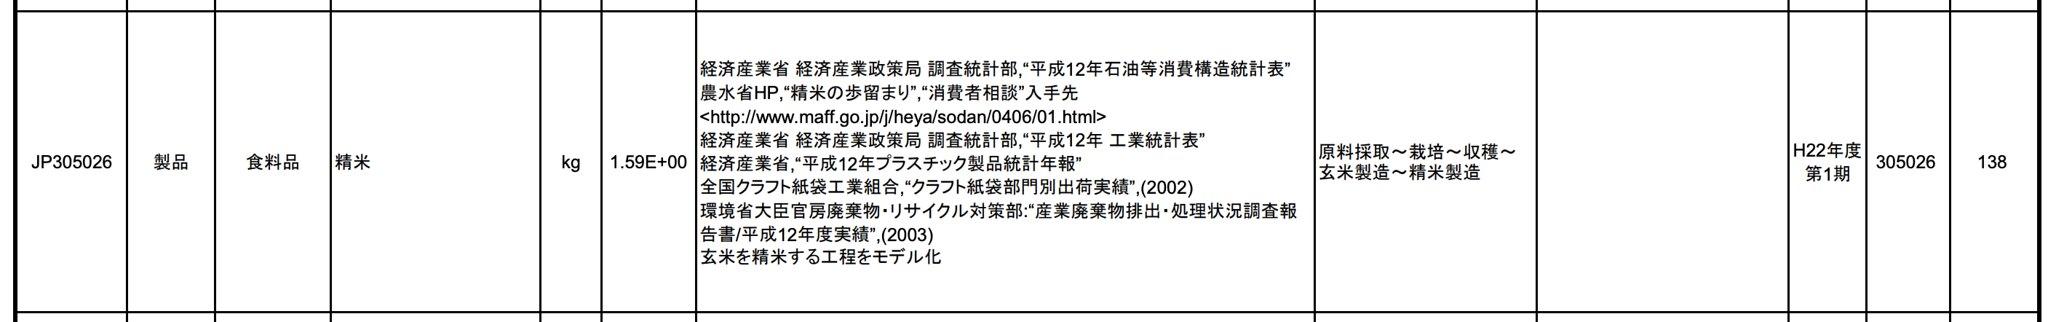 スクリーンショット 2021-01-18 8.37.28